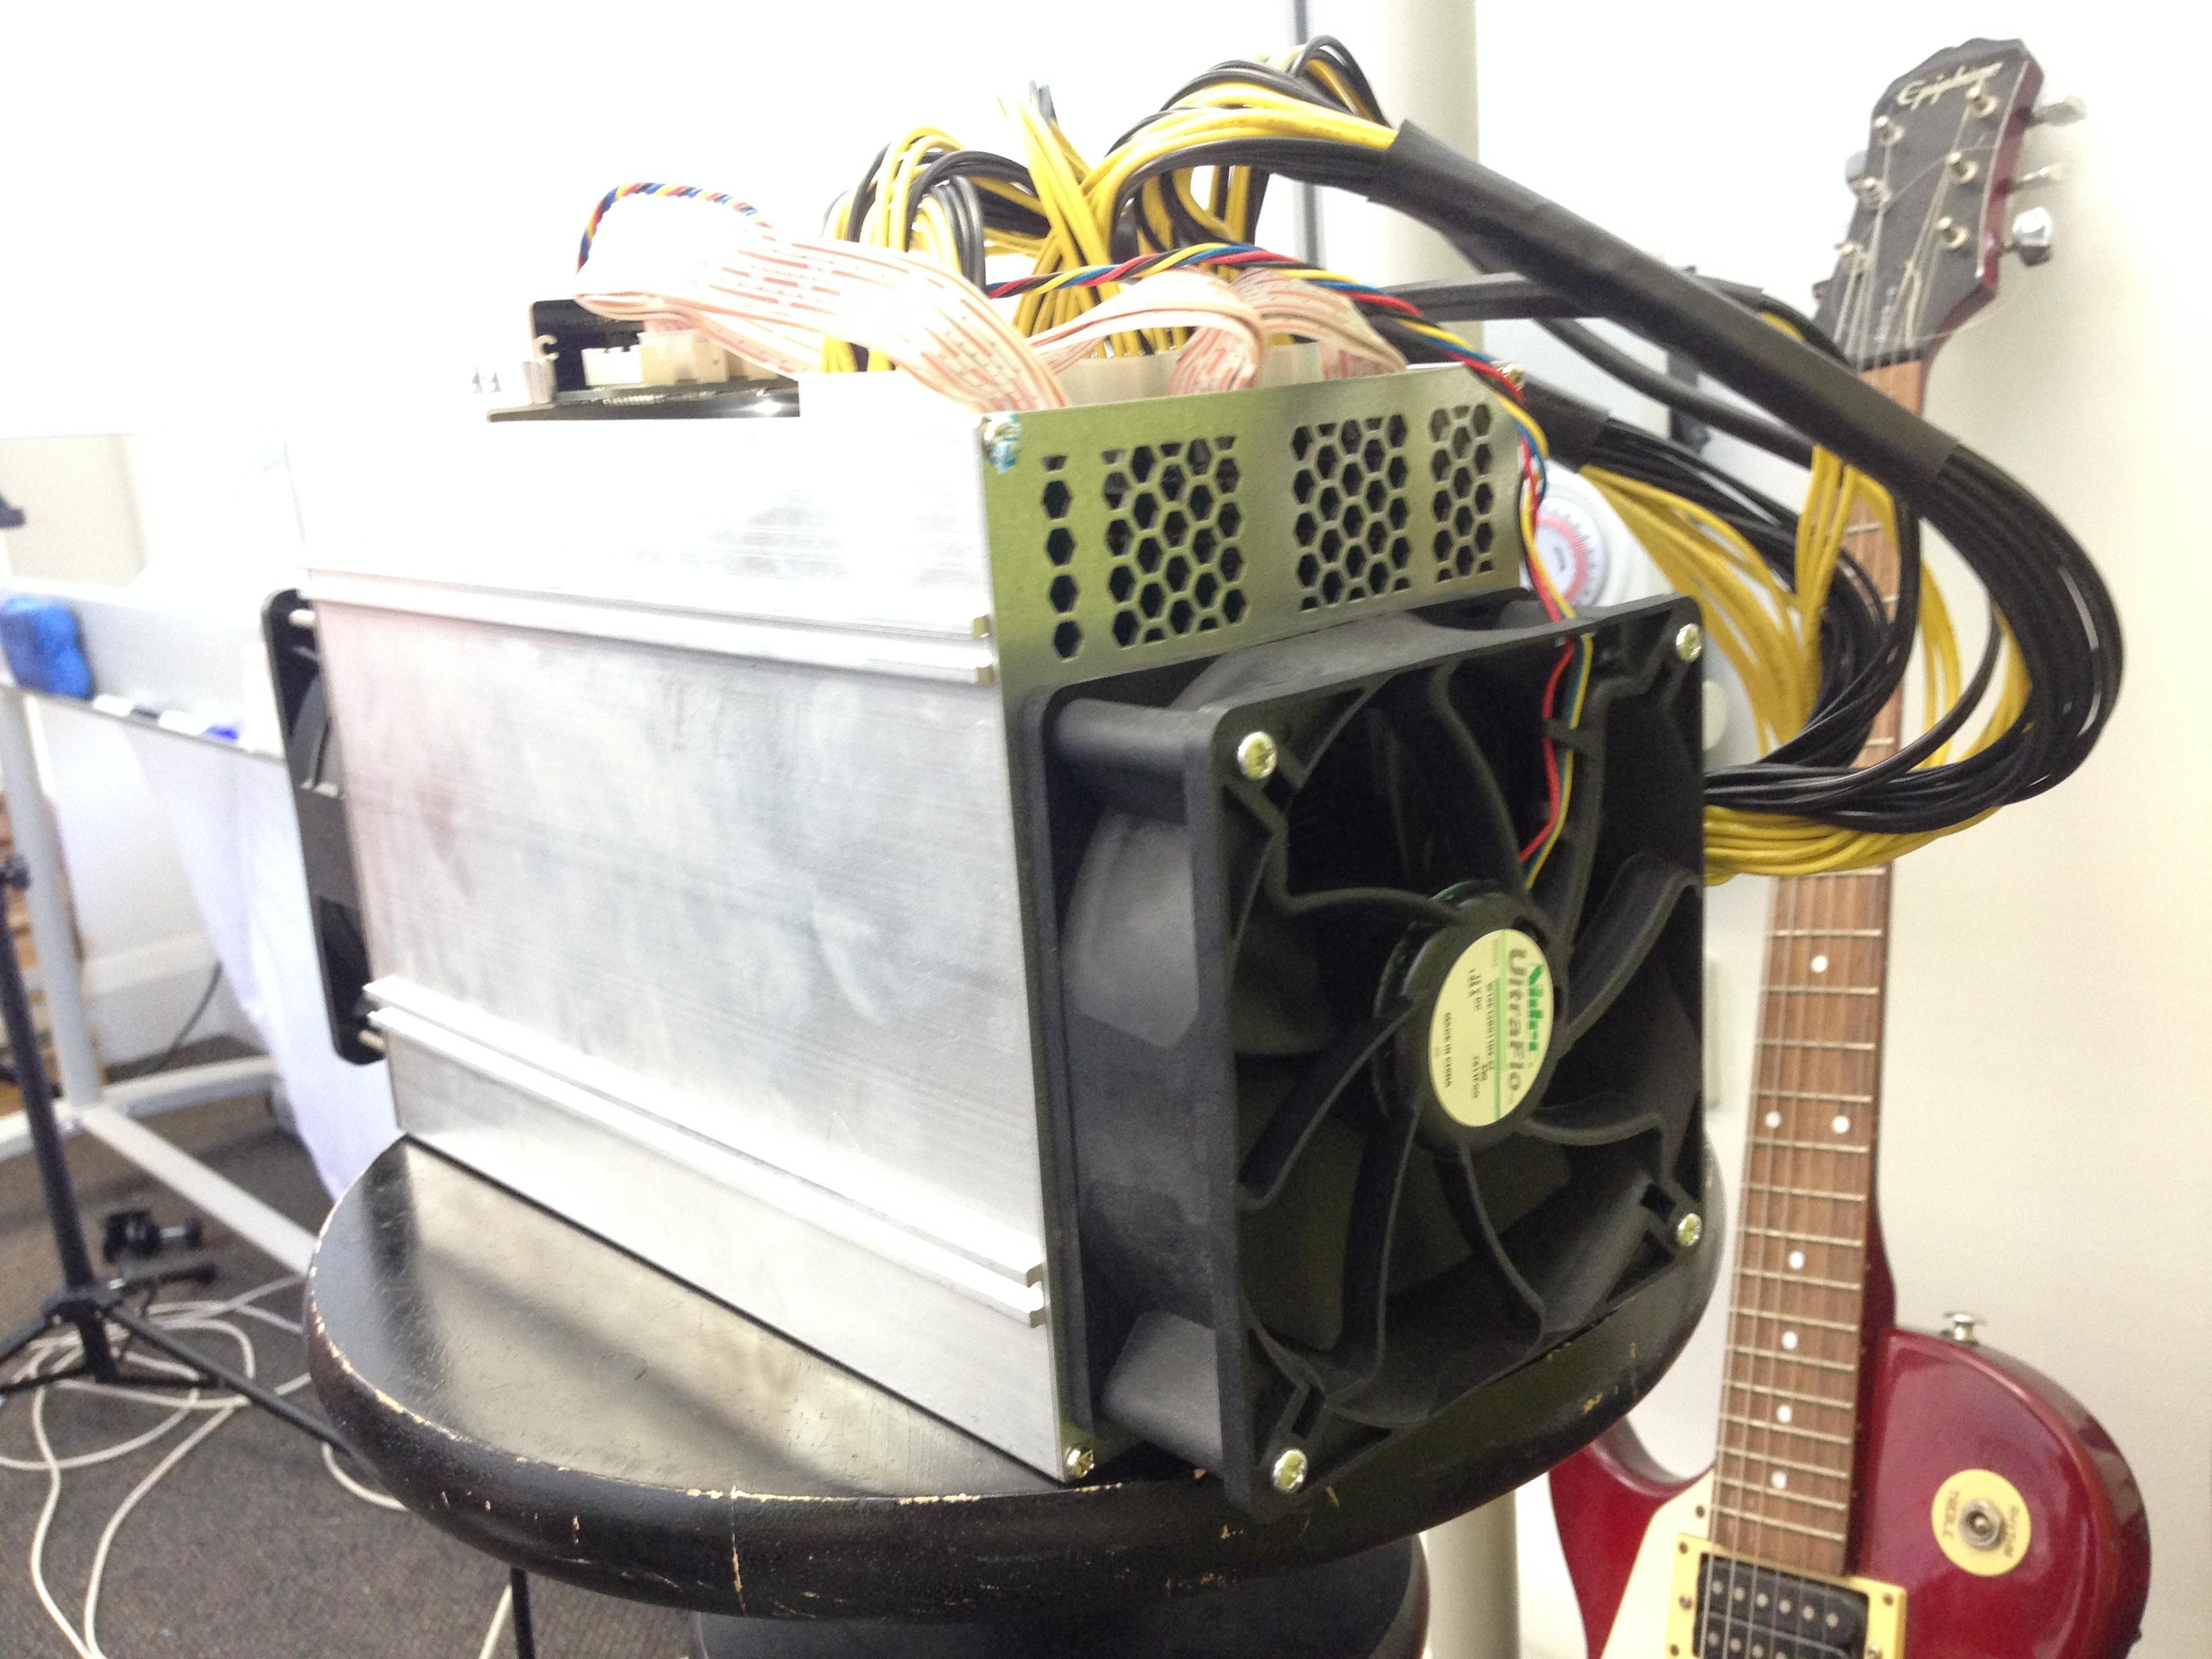 D3 ventilators, kurš izvada gaisu